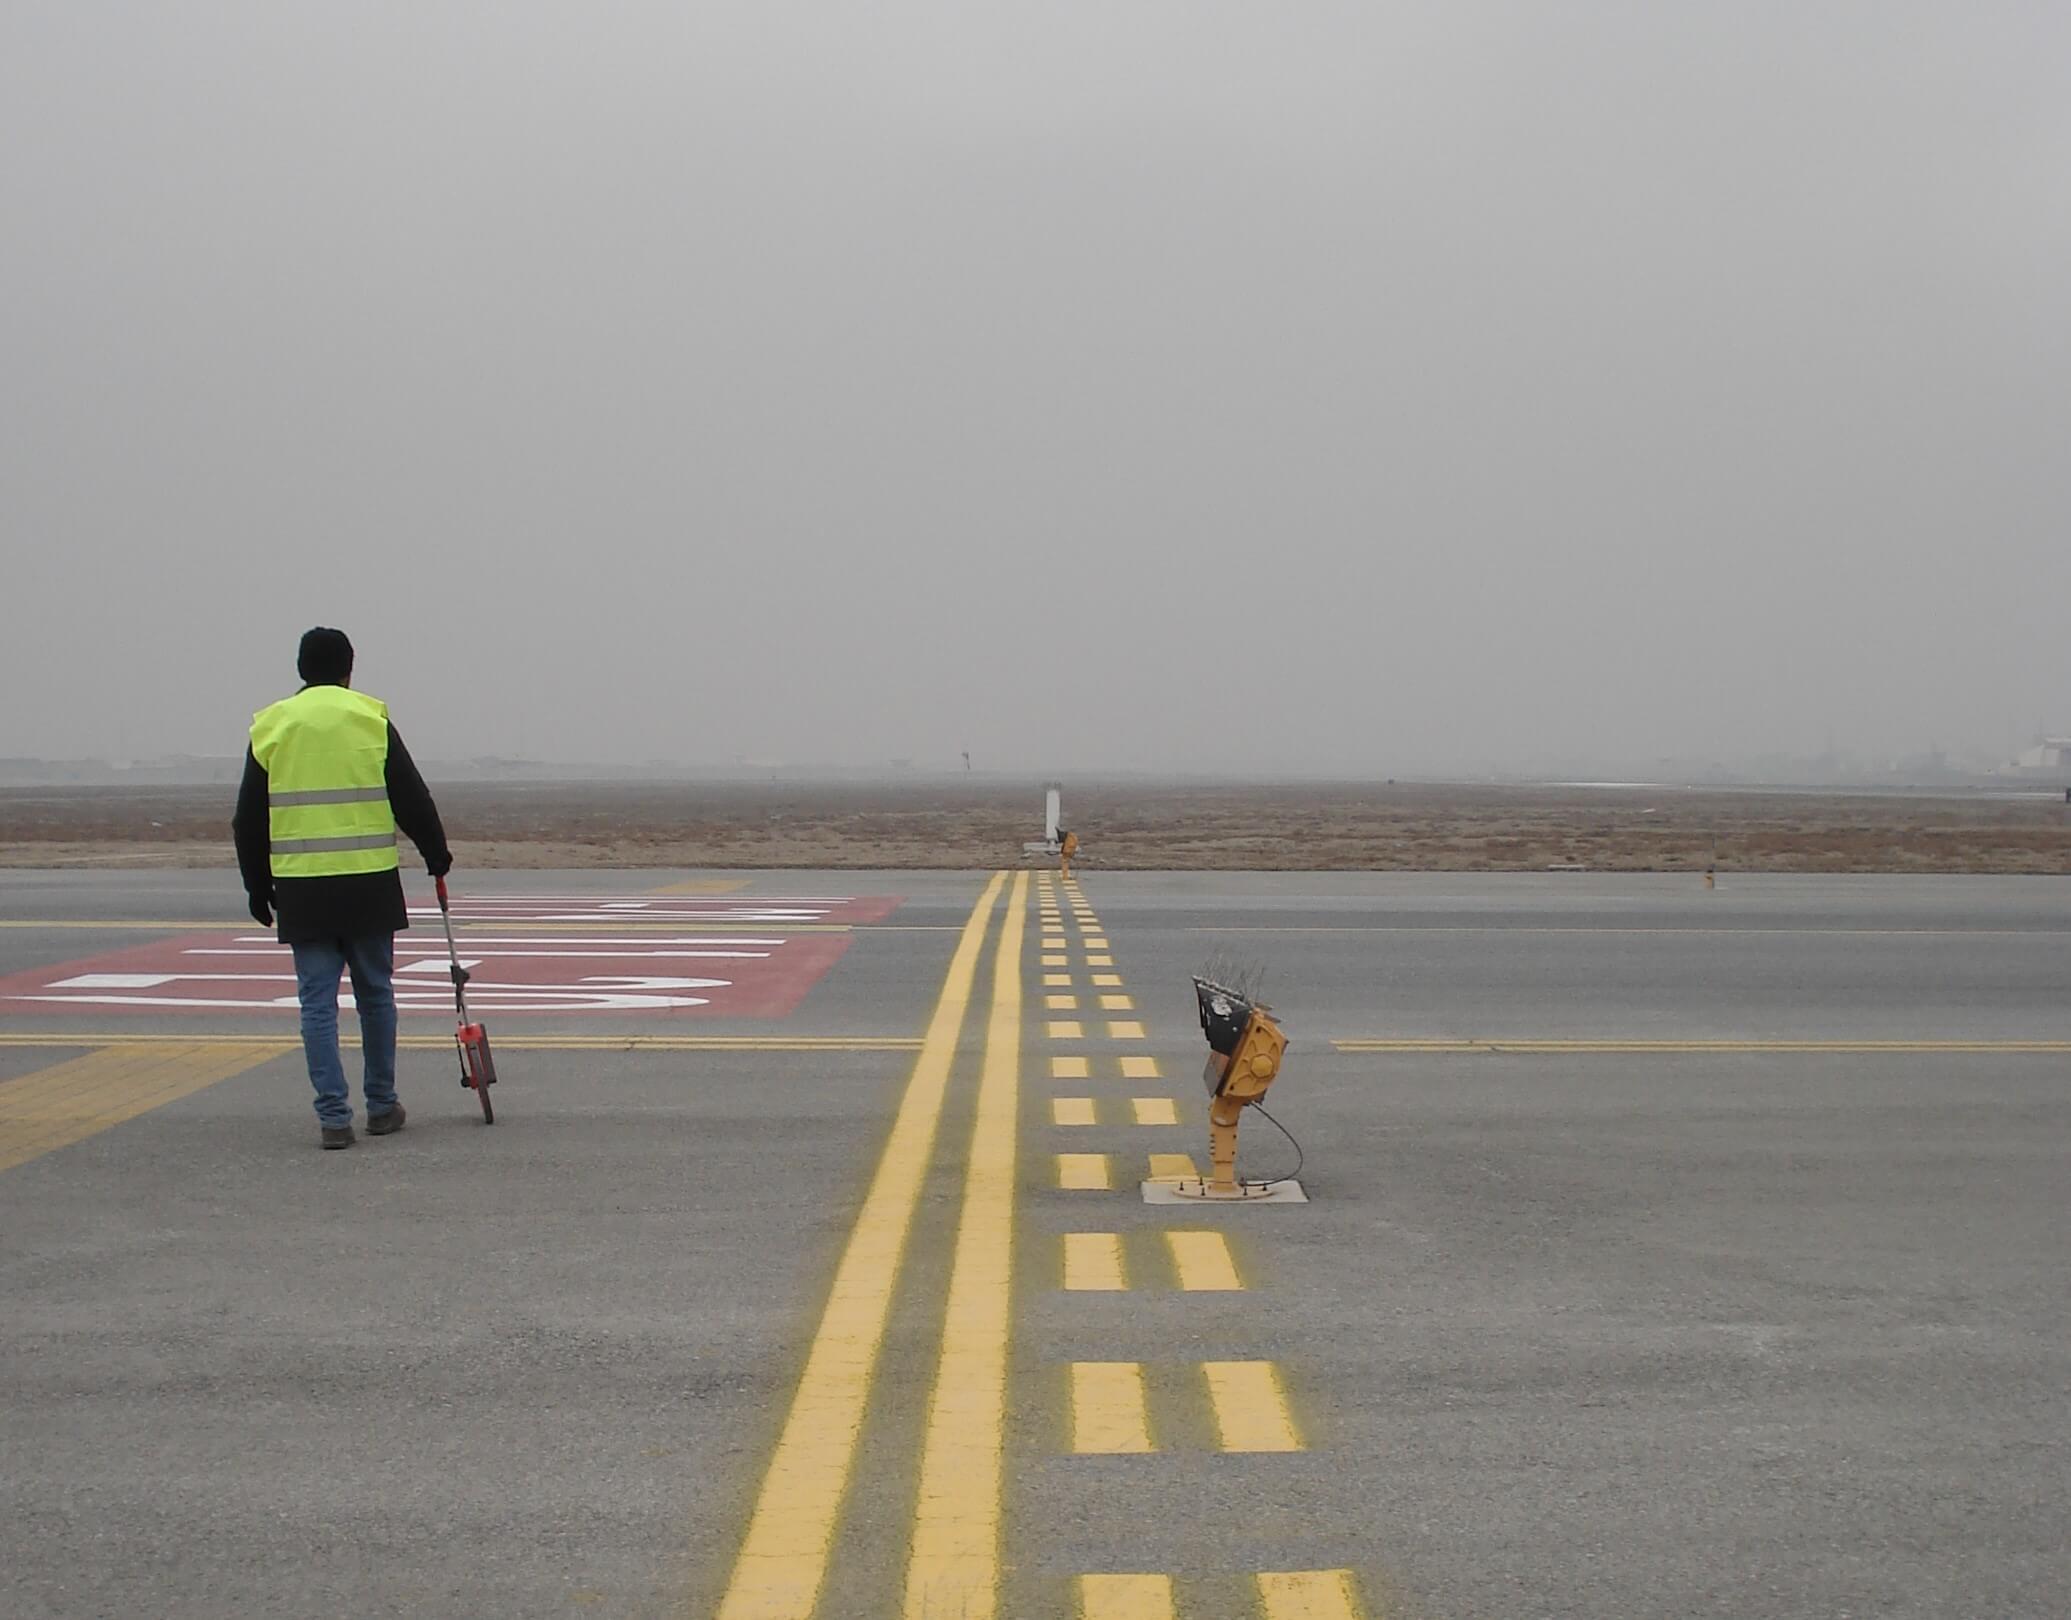 Impianti di illuminazione aereoporto militare internazionale HKIA, Kabul